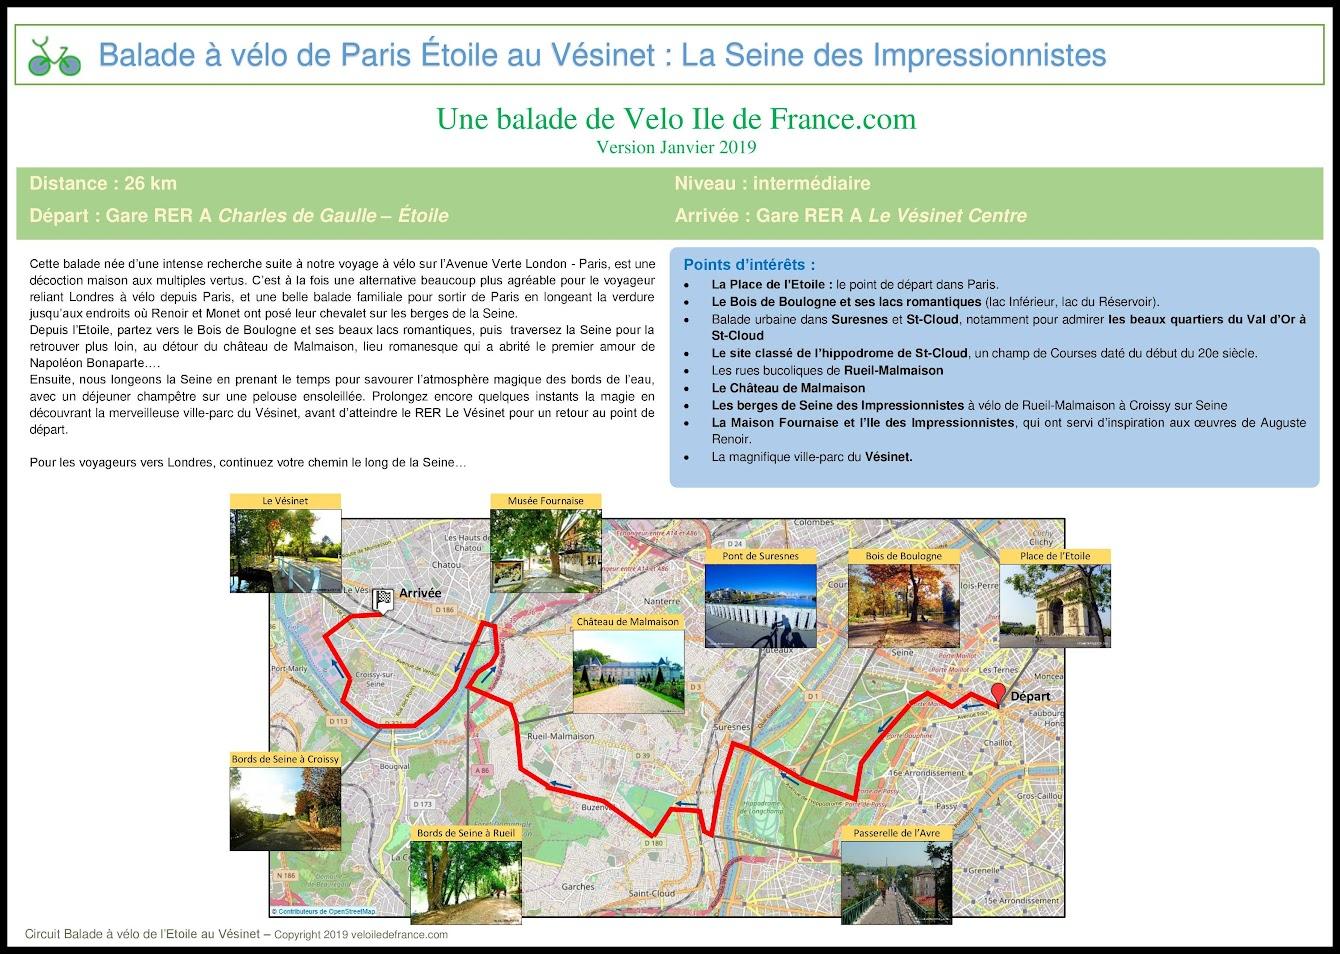 Couverture - Balade à vélo de Paris Etoile au Vésinet, la Seine des Impressionnistes par veloiledefrance.com